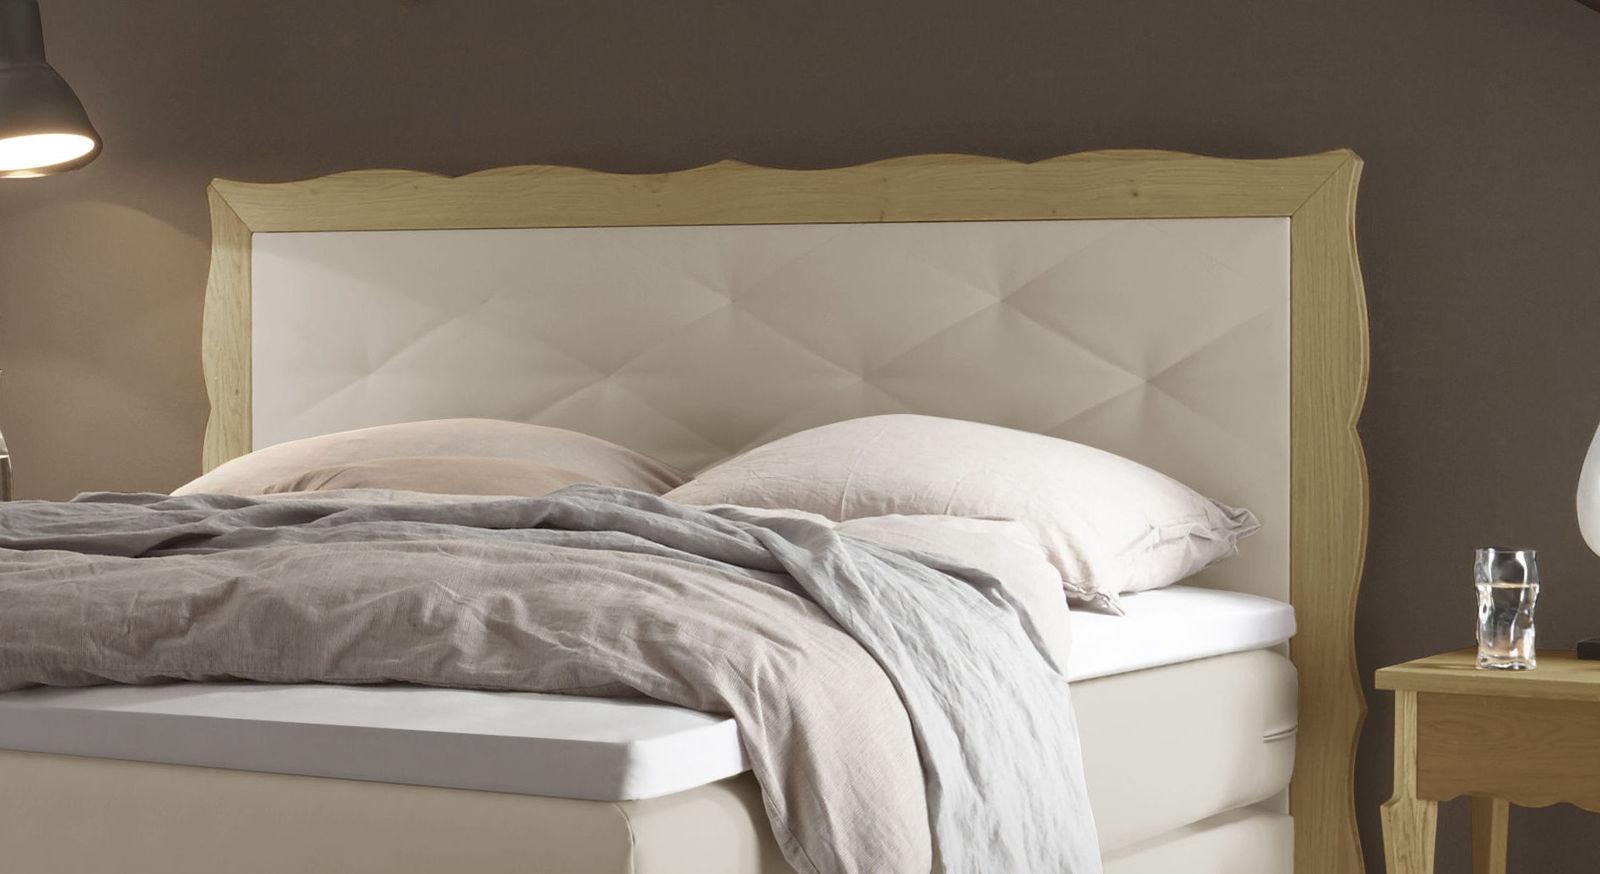 individuell anpassbares boxspringbett mit 2 schubladen. Black Bedroom Furniture Sets. Home Design Ideas